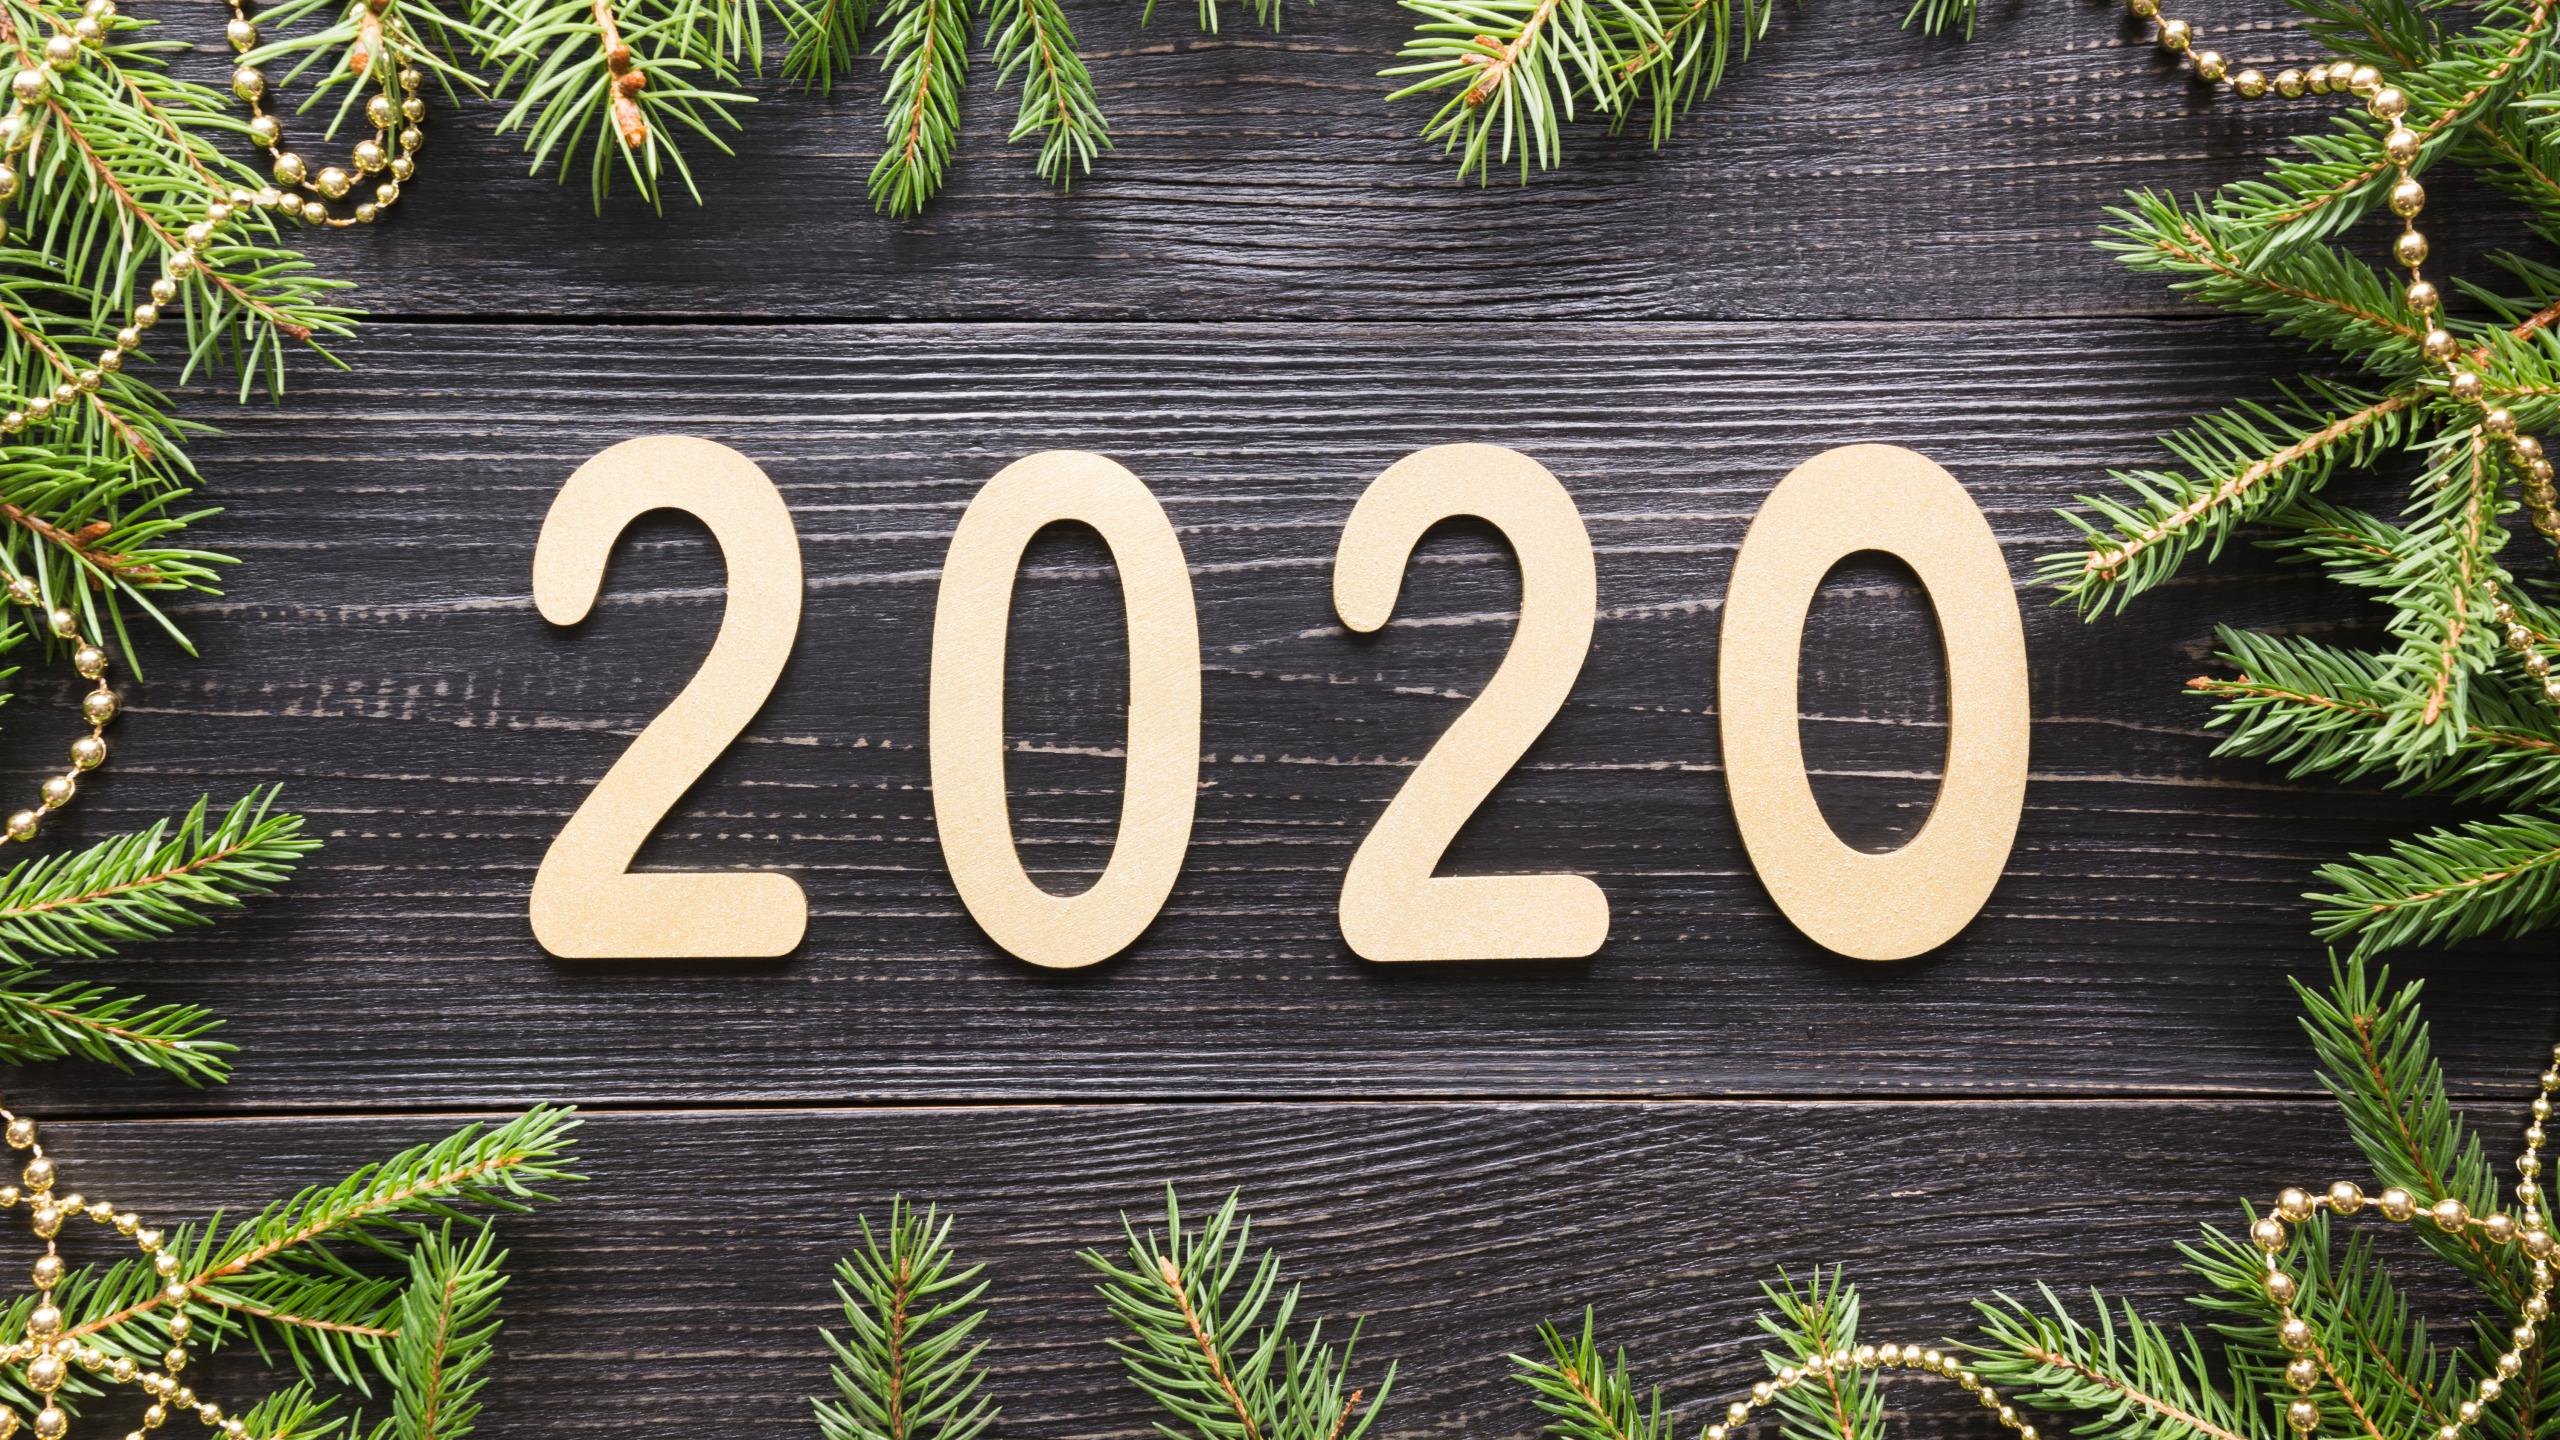 Hình nền 2K mừng năm mới 2020